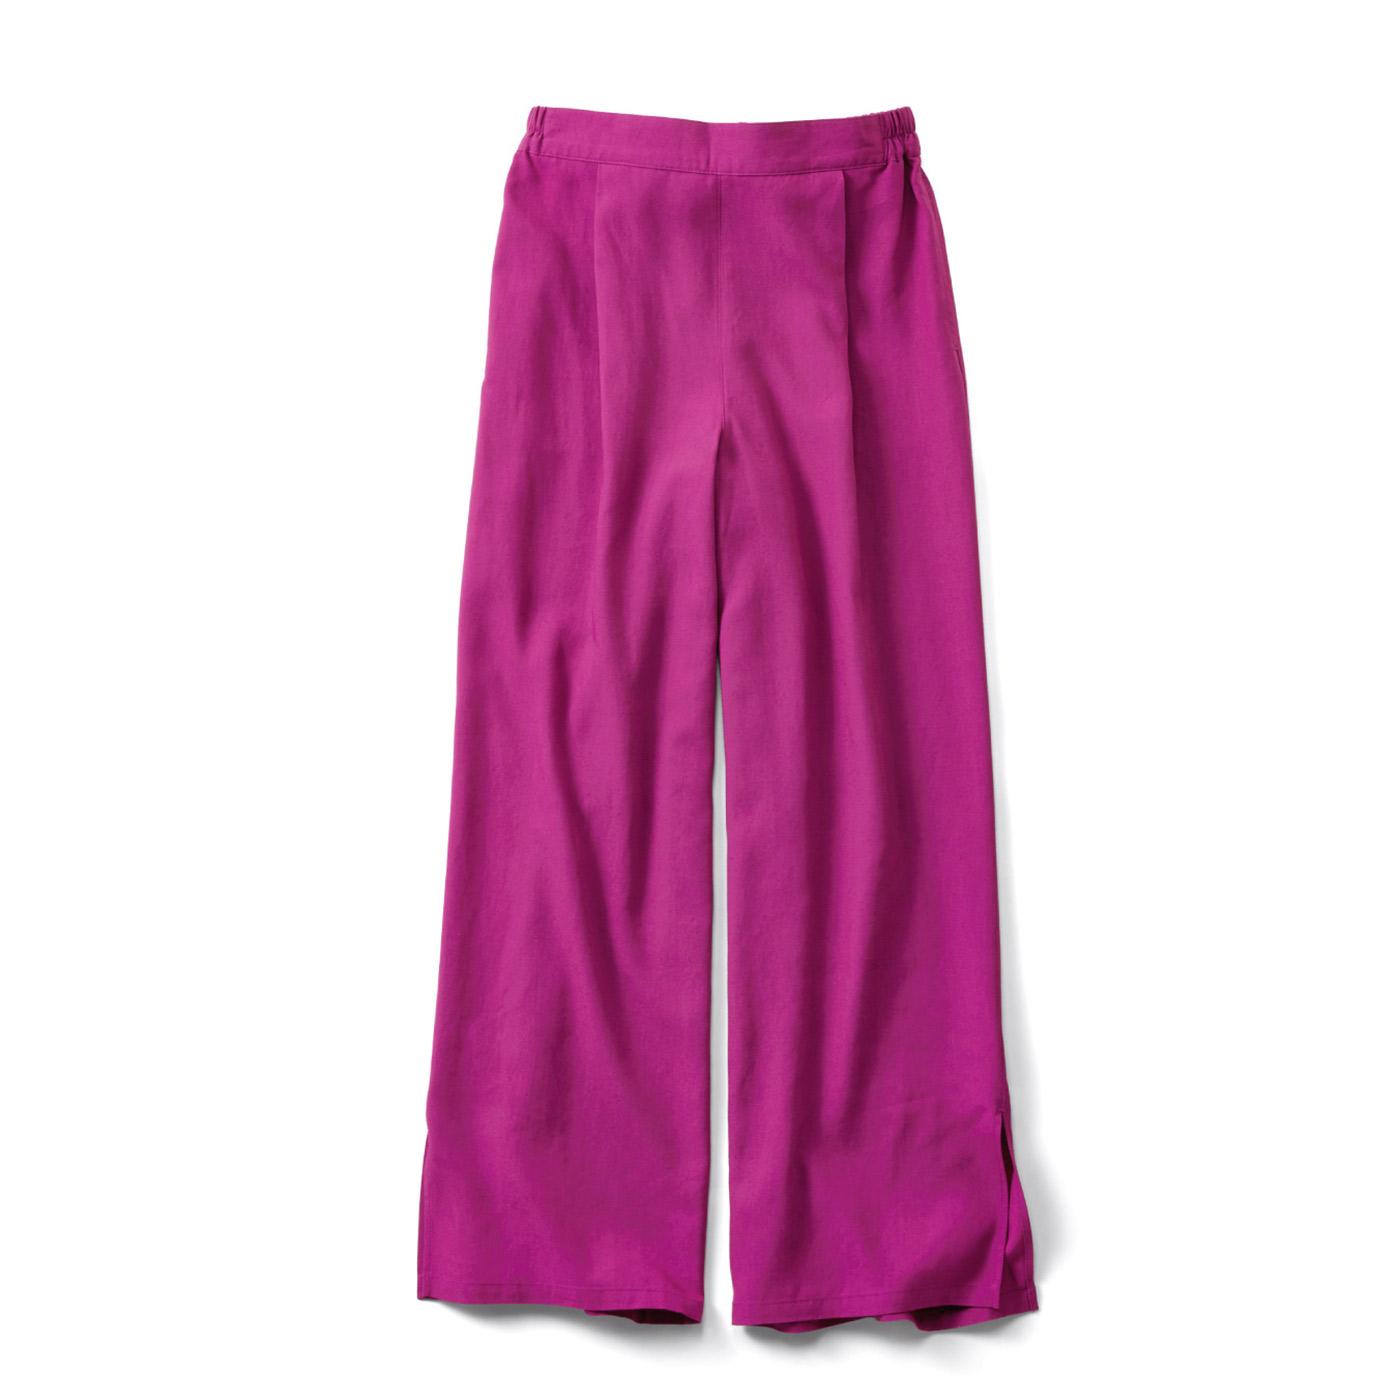 IEDIT[イディット] 麻リヨセル素材のつやとろ上質ワイドパンツ〈ピンク〉